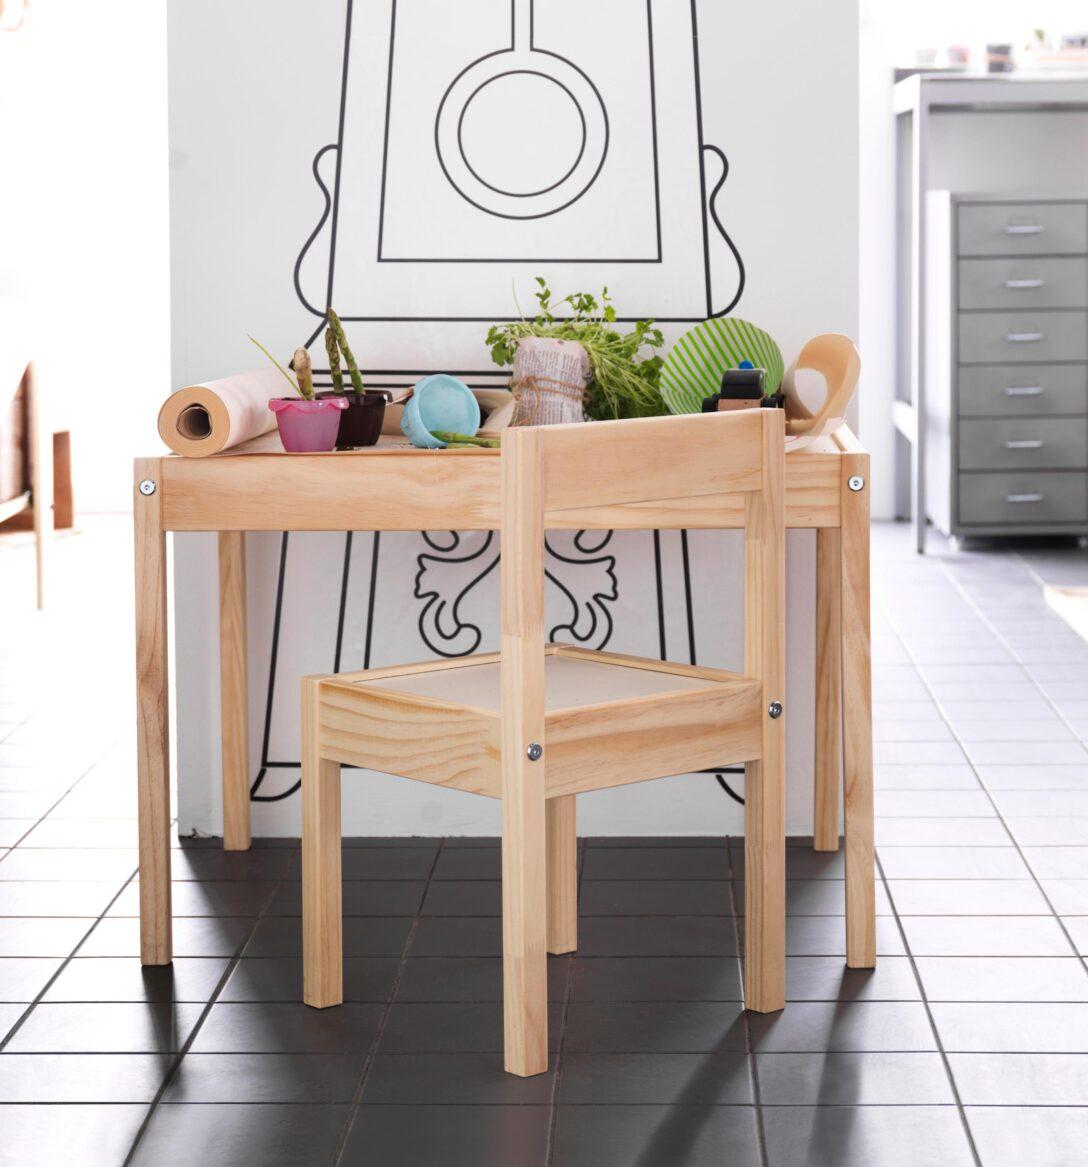 Large Size of Single Küche Ikea Kche Bilder Ideen Couch Zusammenstellen Gardinen Für Landhausküche Grau Stengel Miniküche U Form Blende L Form Holzbrett Hängeschrank Wohnzimmer Single Küche Ikea